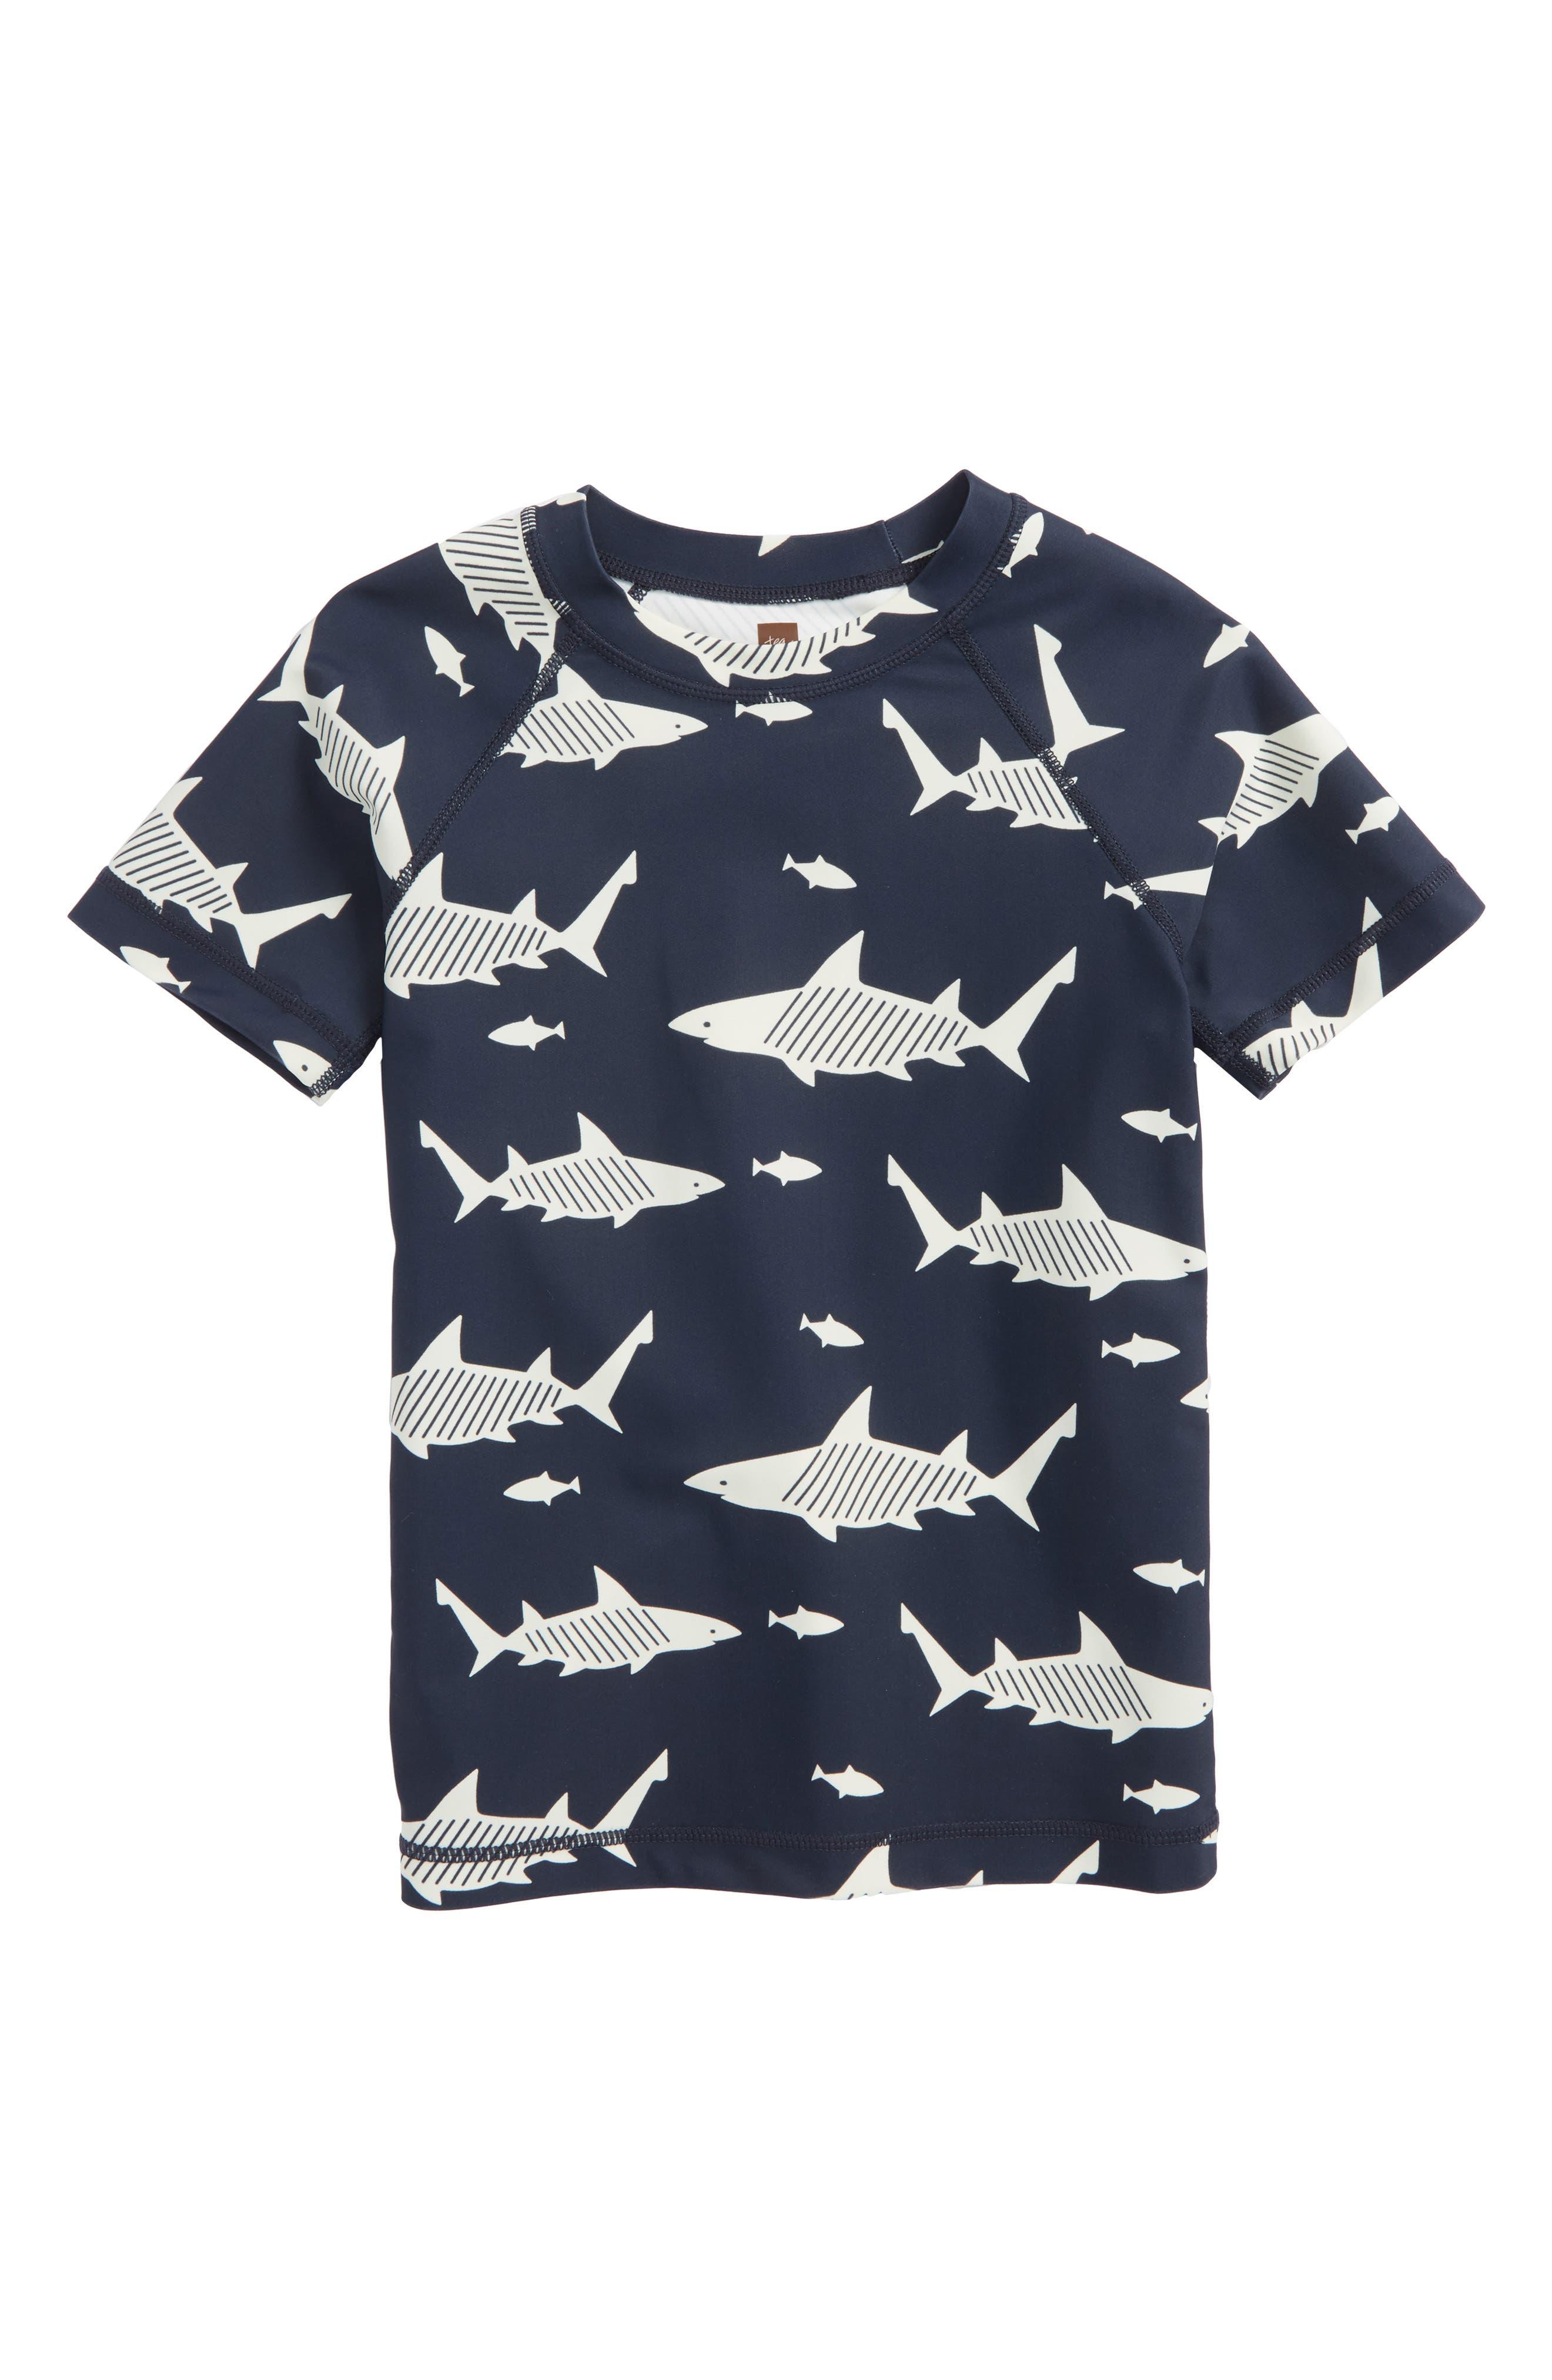 Tea Collection Shark Short Sleeve Rashguard (Toddler Boys & Little Boys)